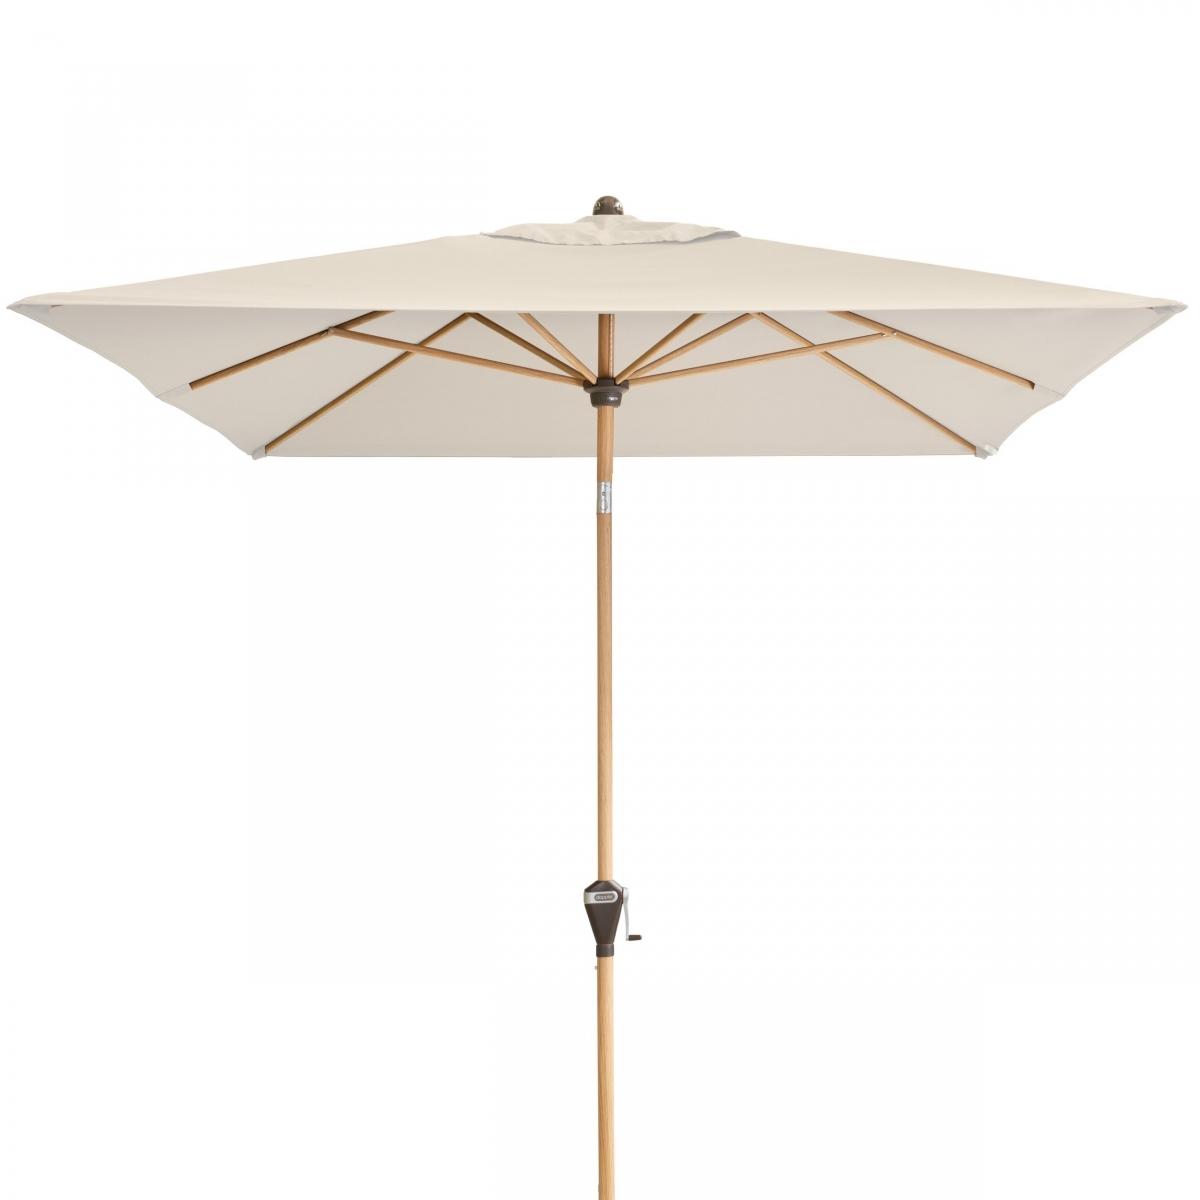 Slunečník Doppler Alu Wood naklápěcí 200x300 - 820 Přírodní